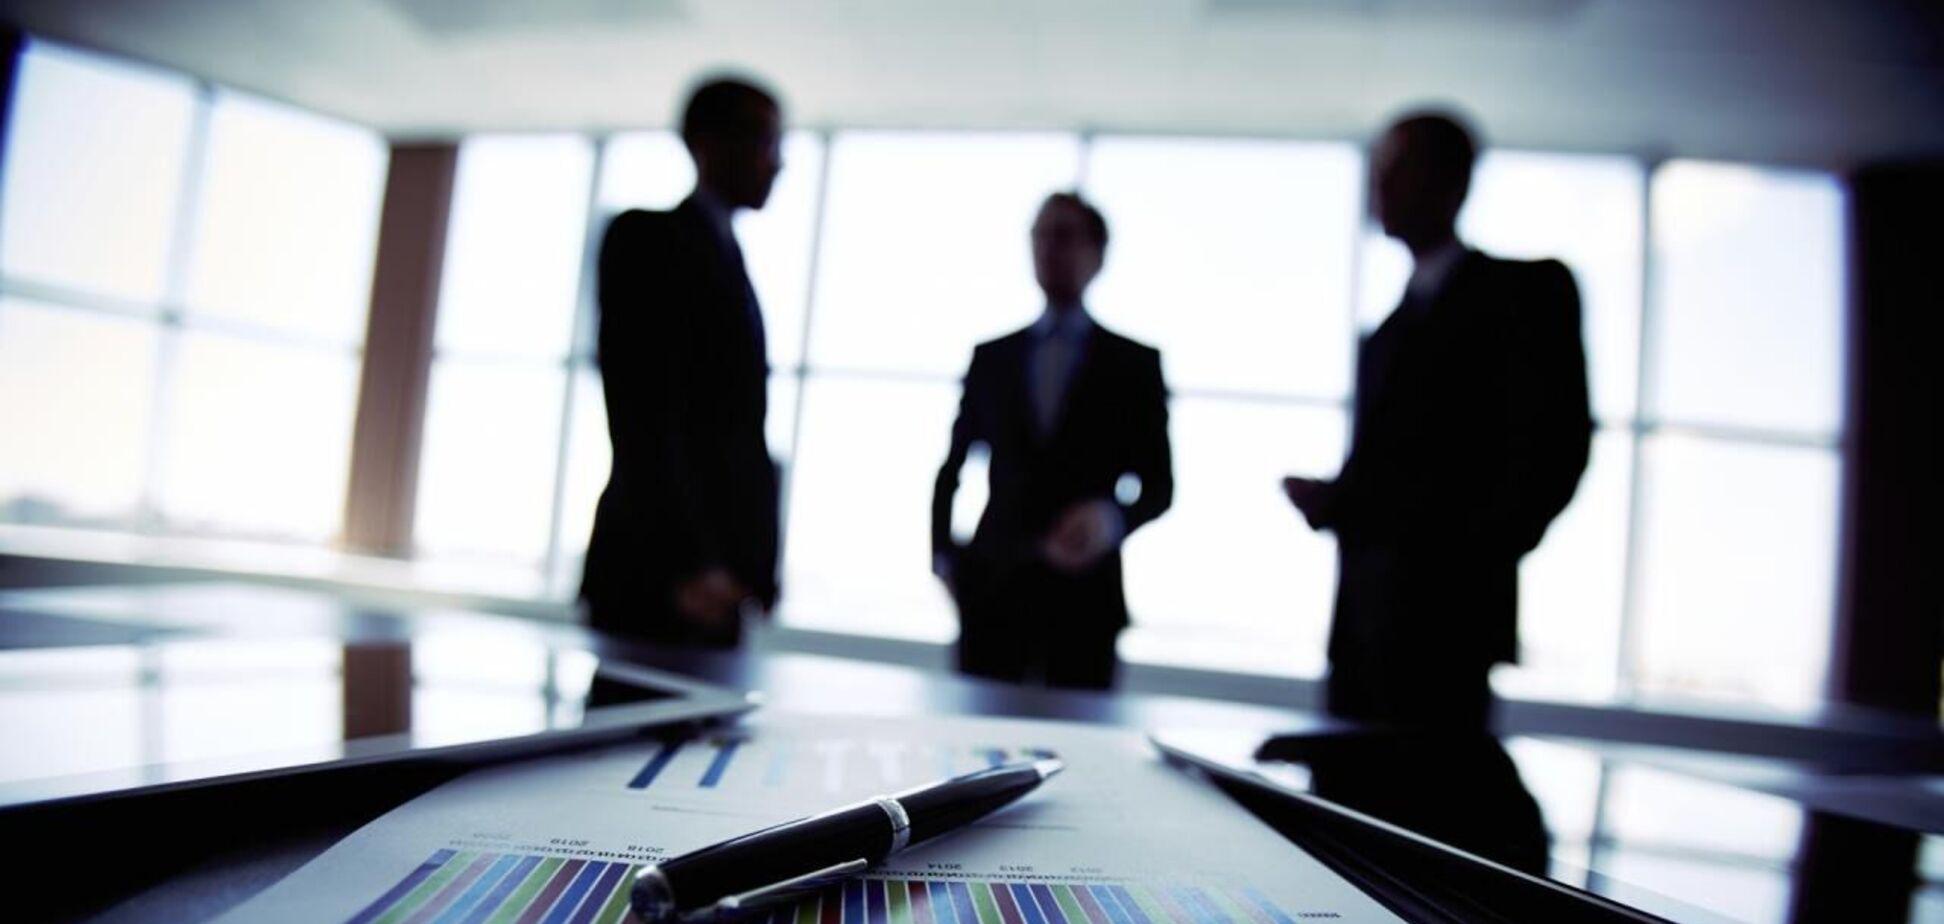 Бизнес поддержал инициативу Кабмина по разработке Национальной экономической стратегии